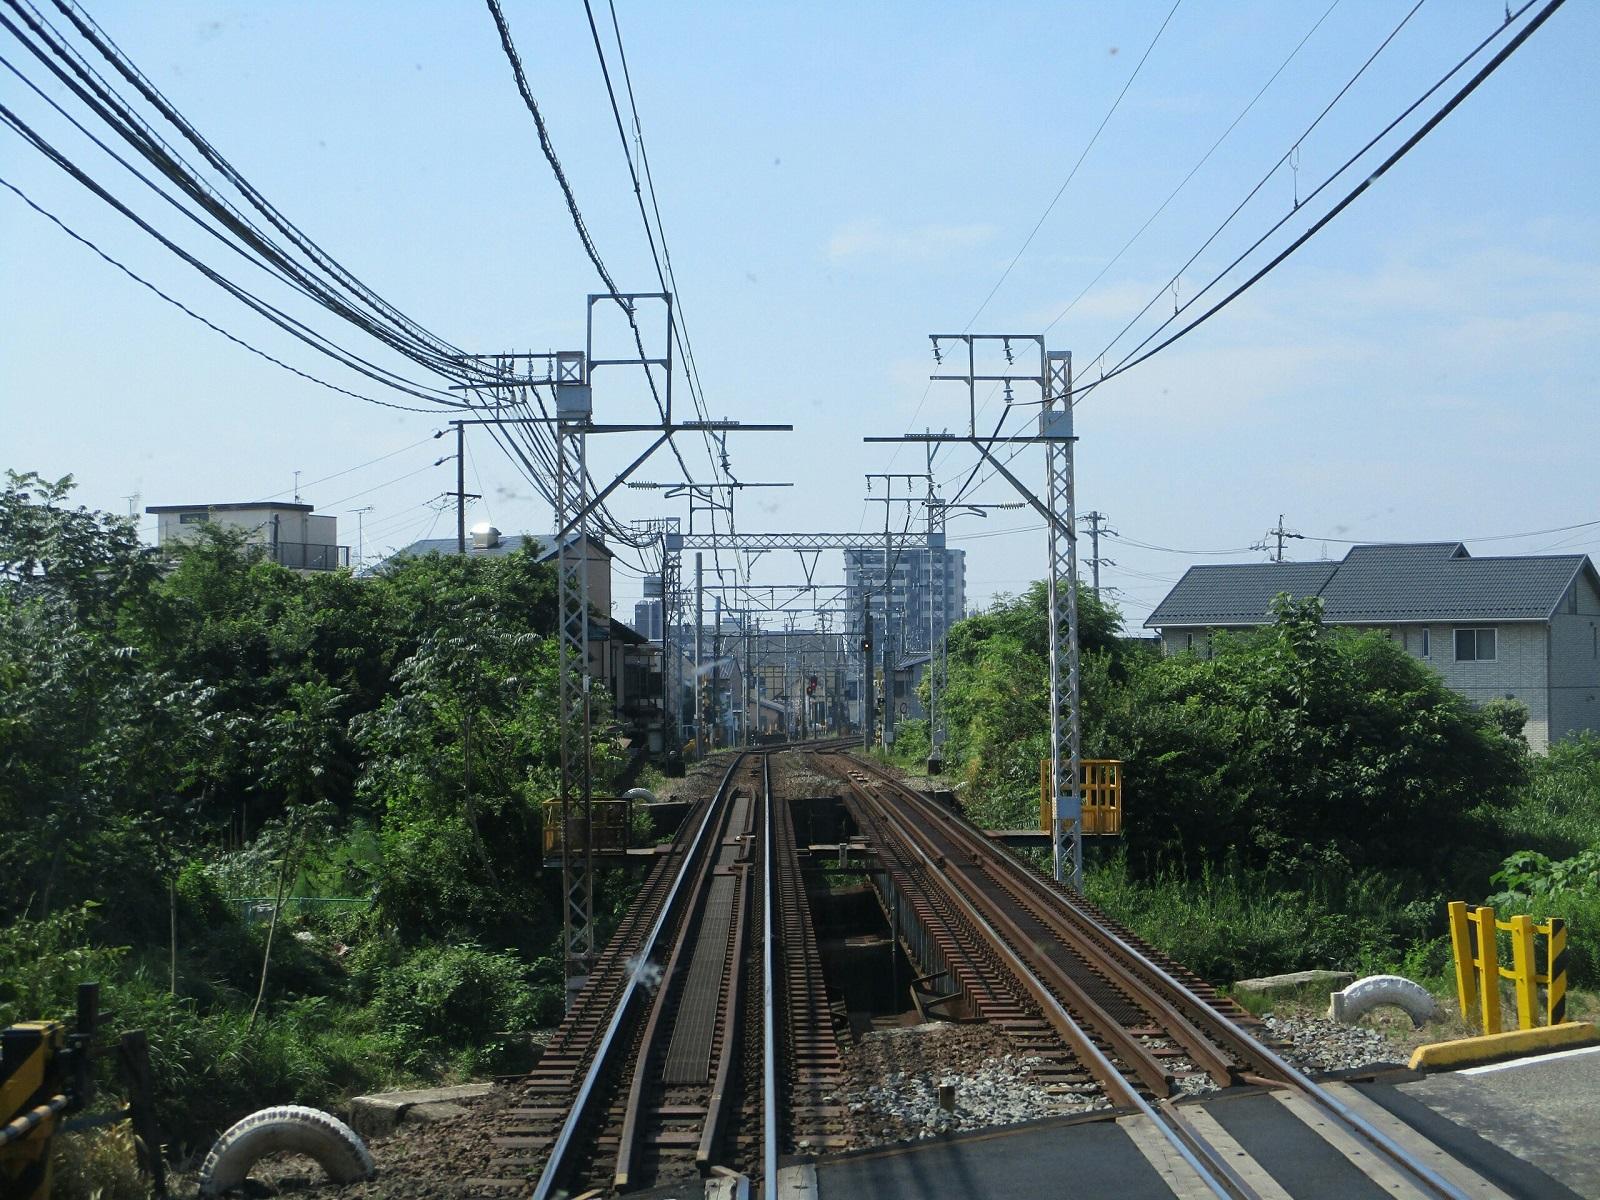 2018.7.18 (16) 須ヶ口いきふつう - 境川をわたる 1600-1200